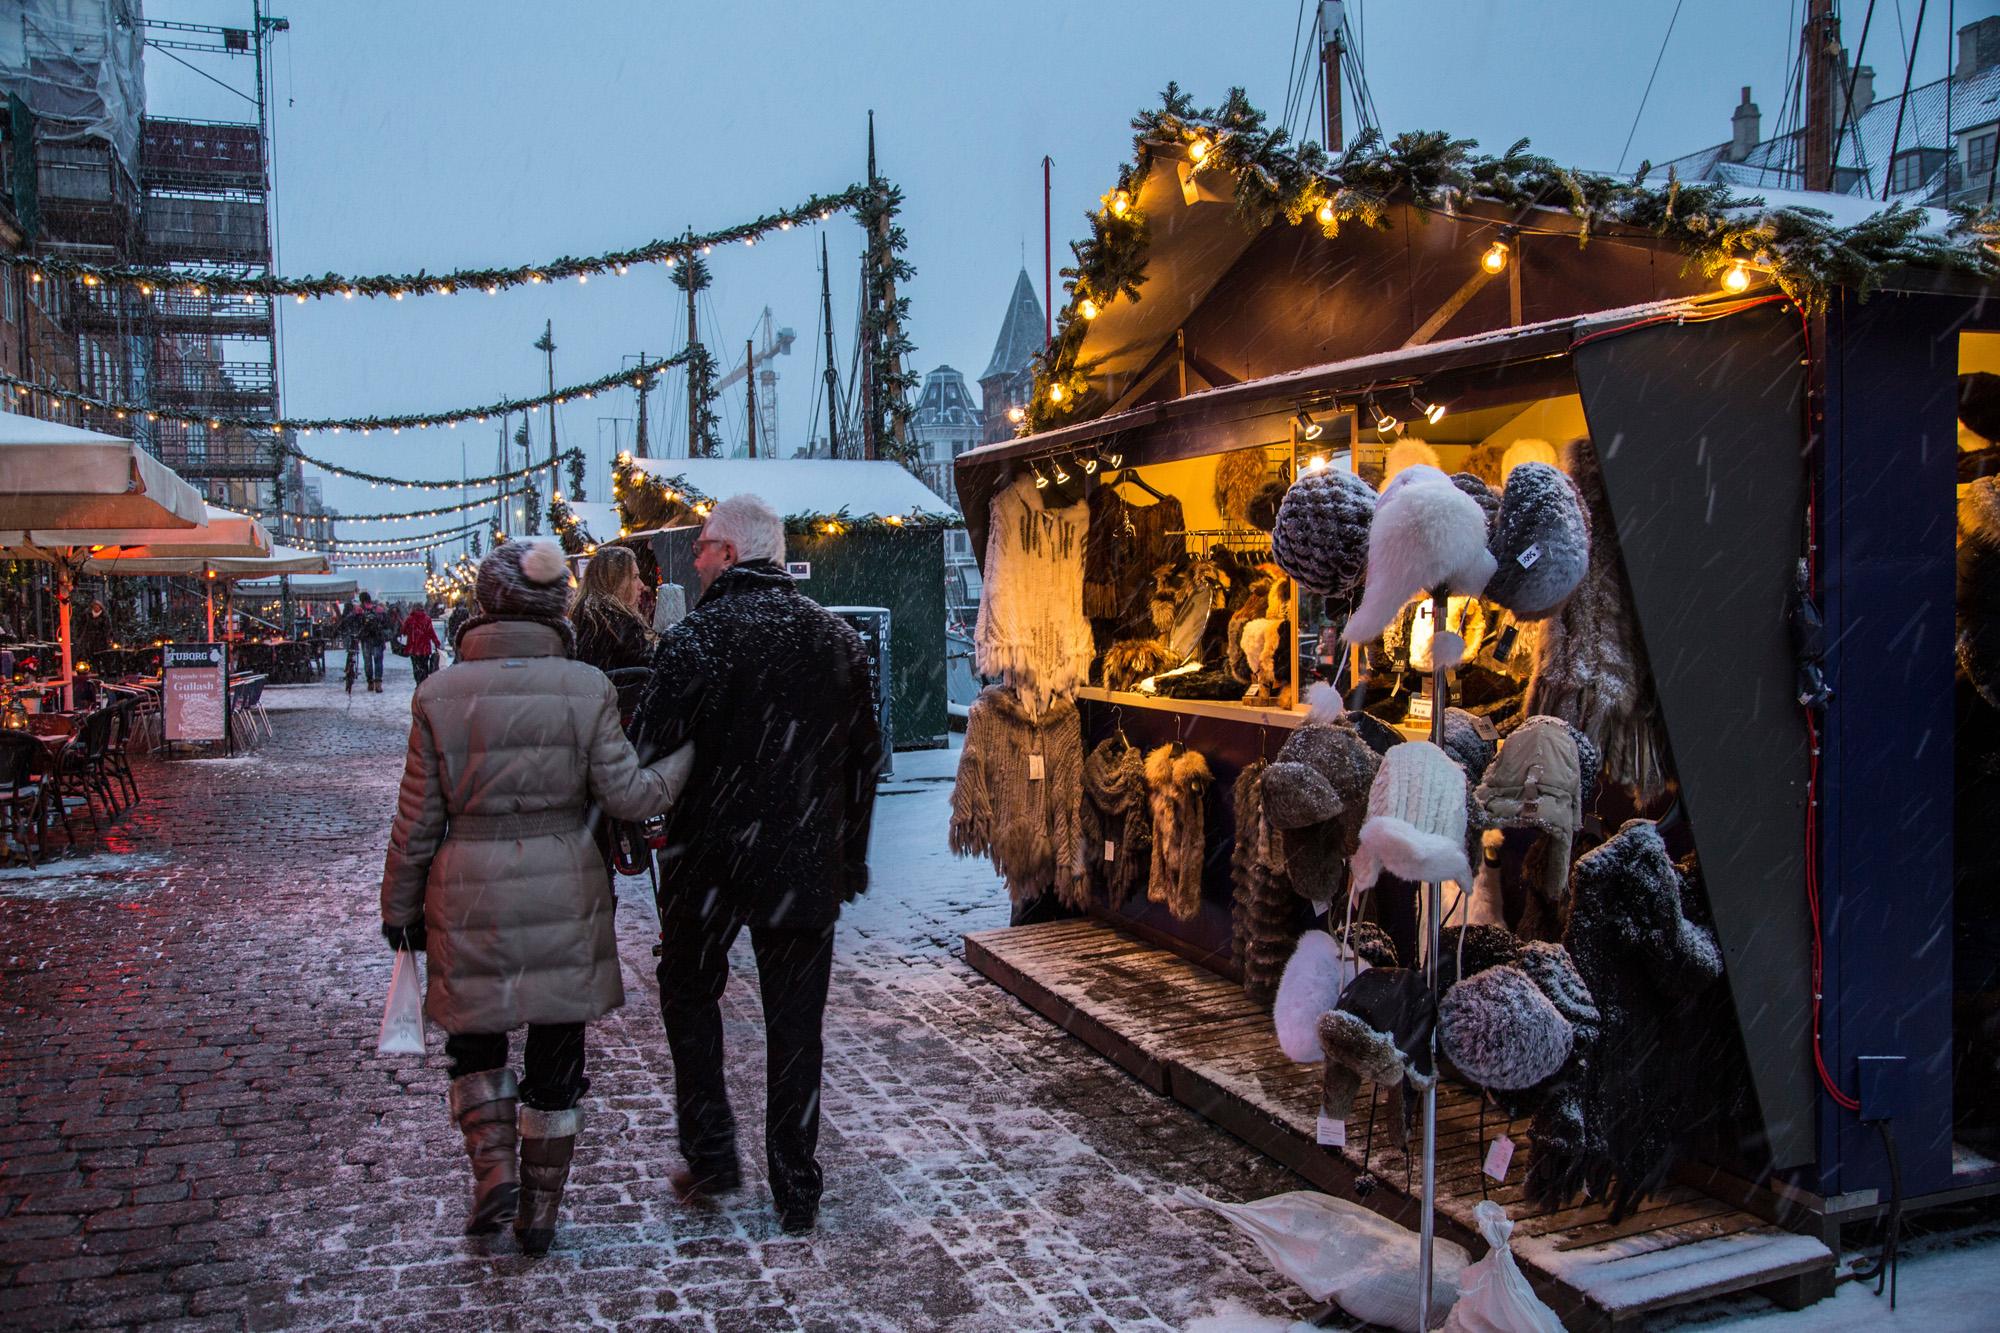 julemarked, nyhavn, kulturtilbud, december, juleoplevelser, jul